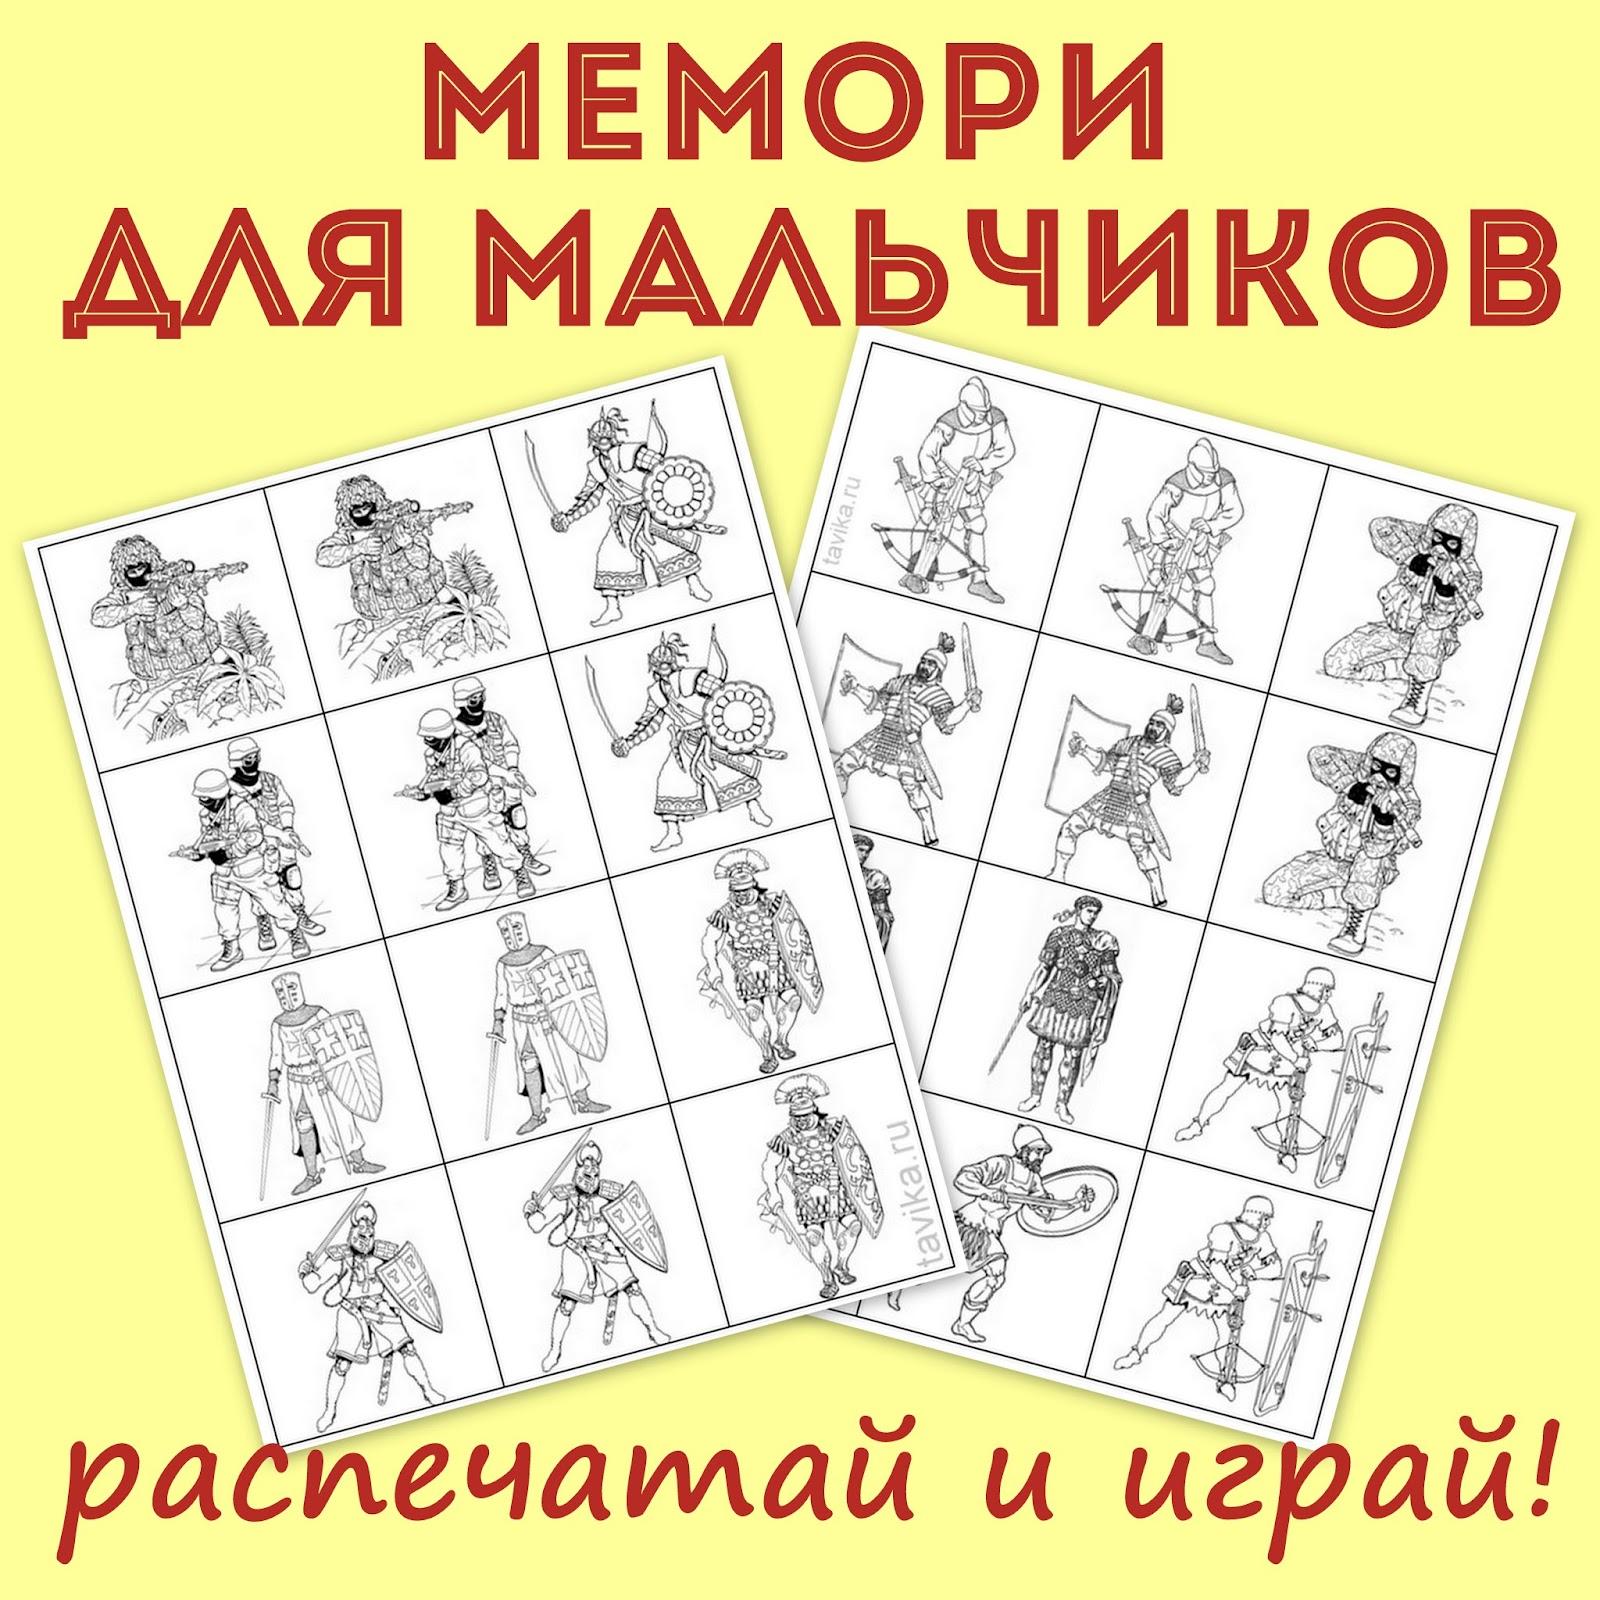 карточки для мемори скачать